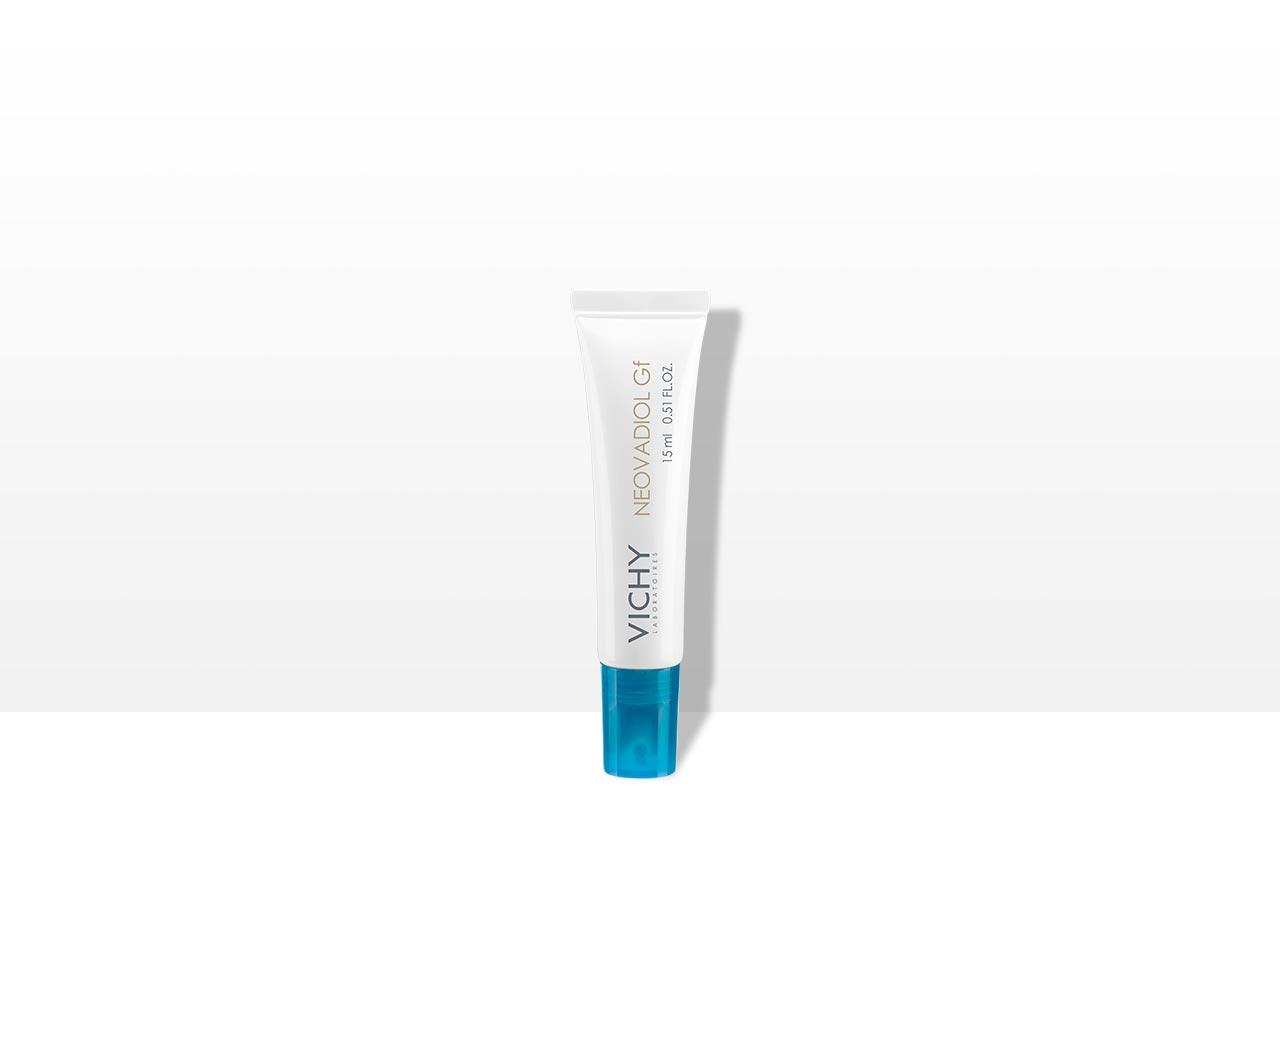 Lip en oogcrème tegen huidveroudering - Vichy Neovadiol